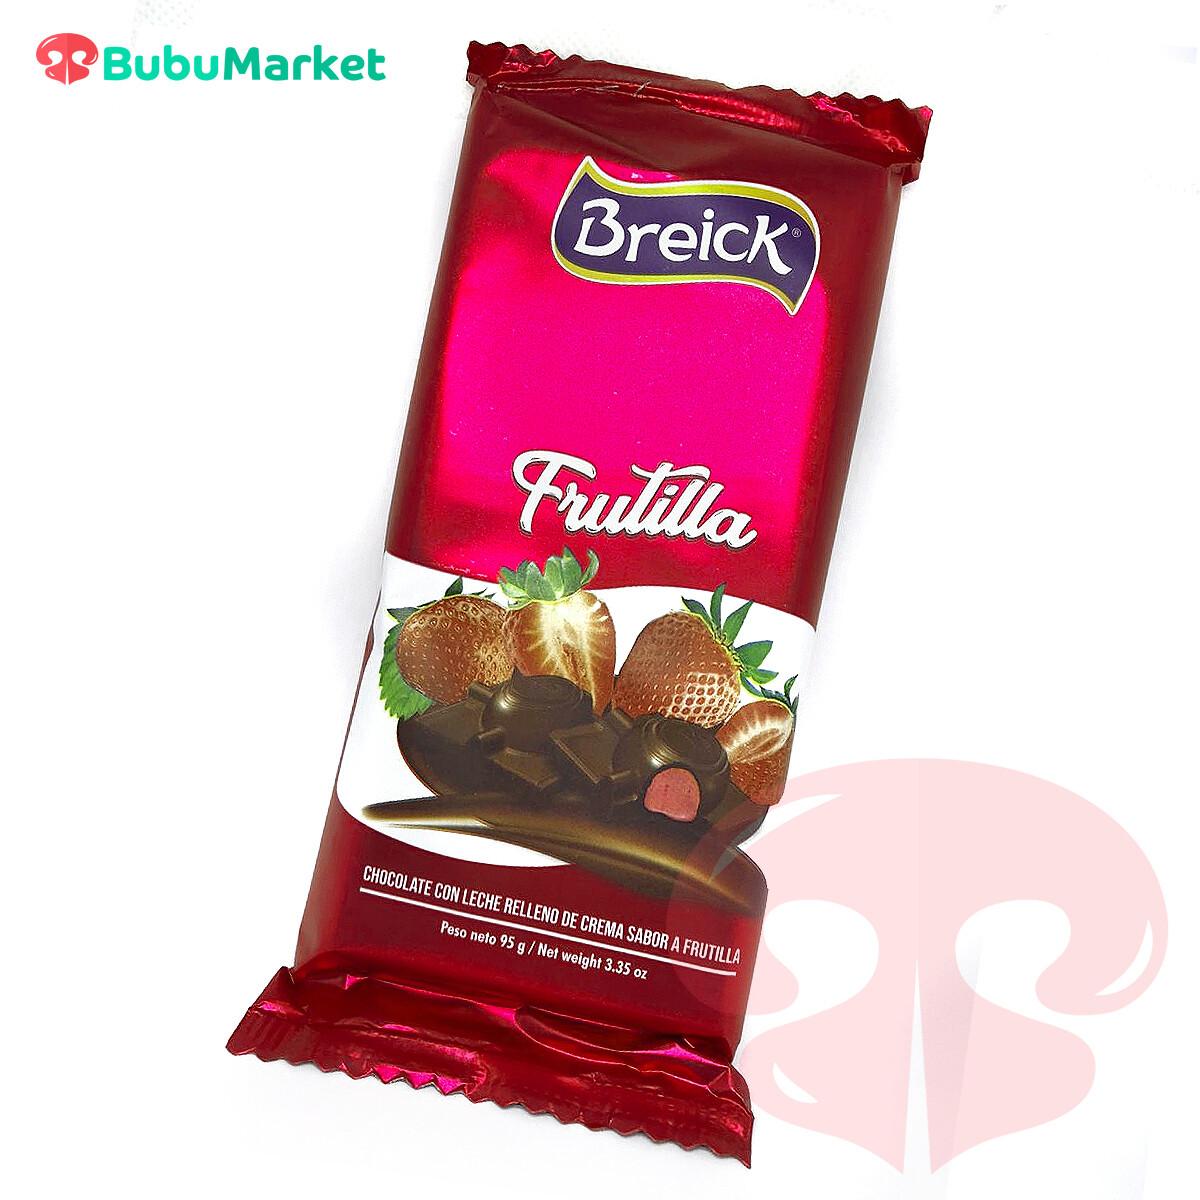 CHOCOLATE CON LECHE RELLENO DE CREMA SABOR A FRUTILLA BREICK TABLETA 95 GR.